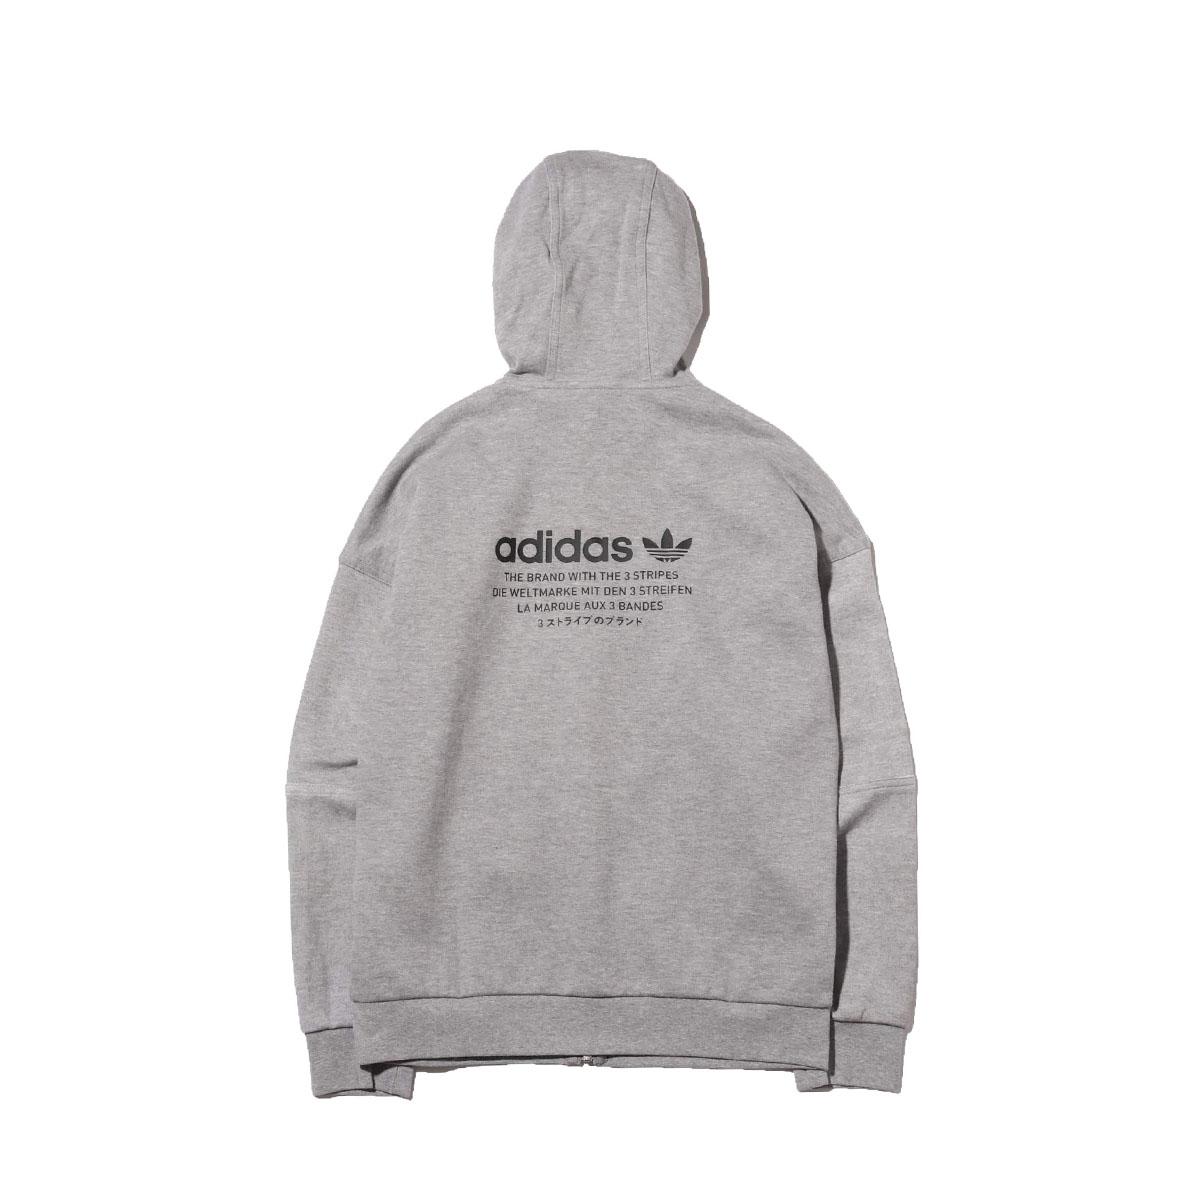 adidas hoodie 3 streifen